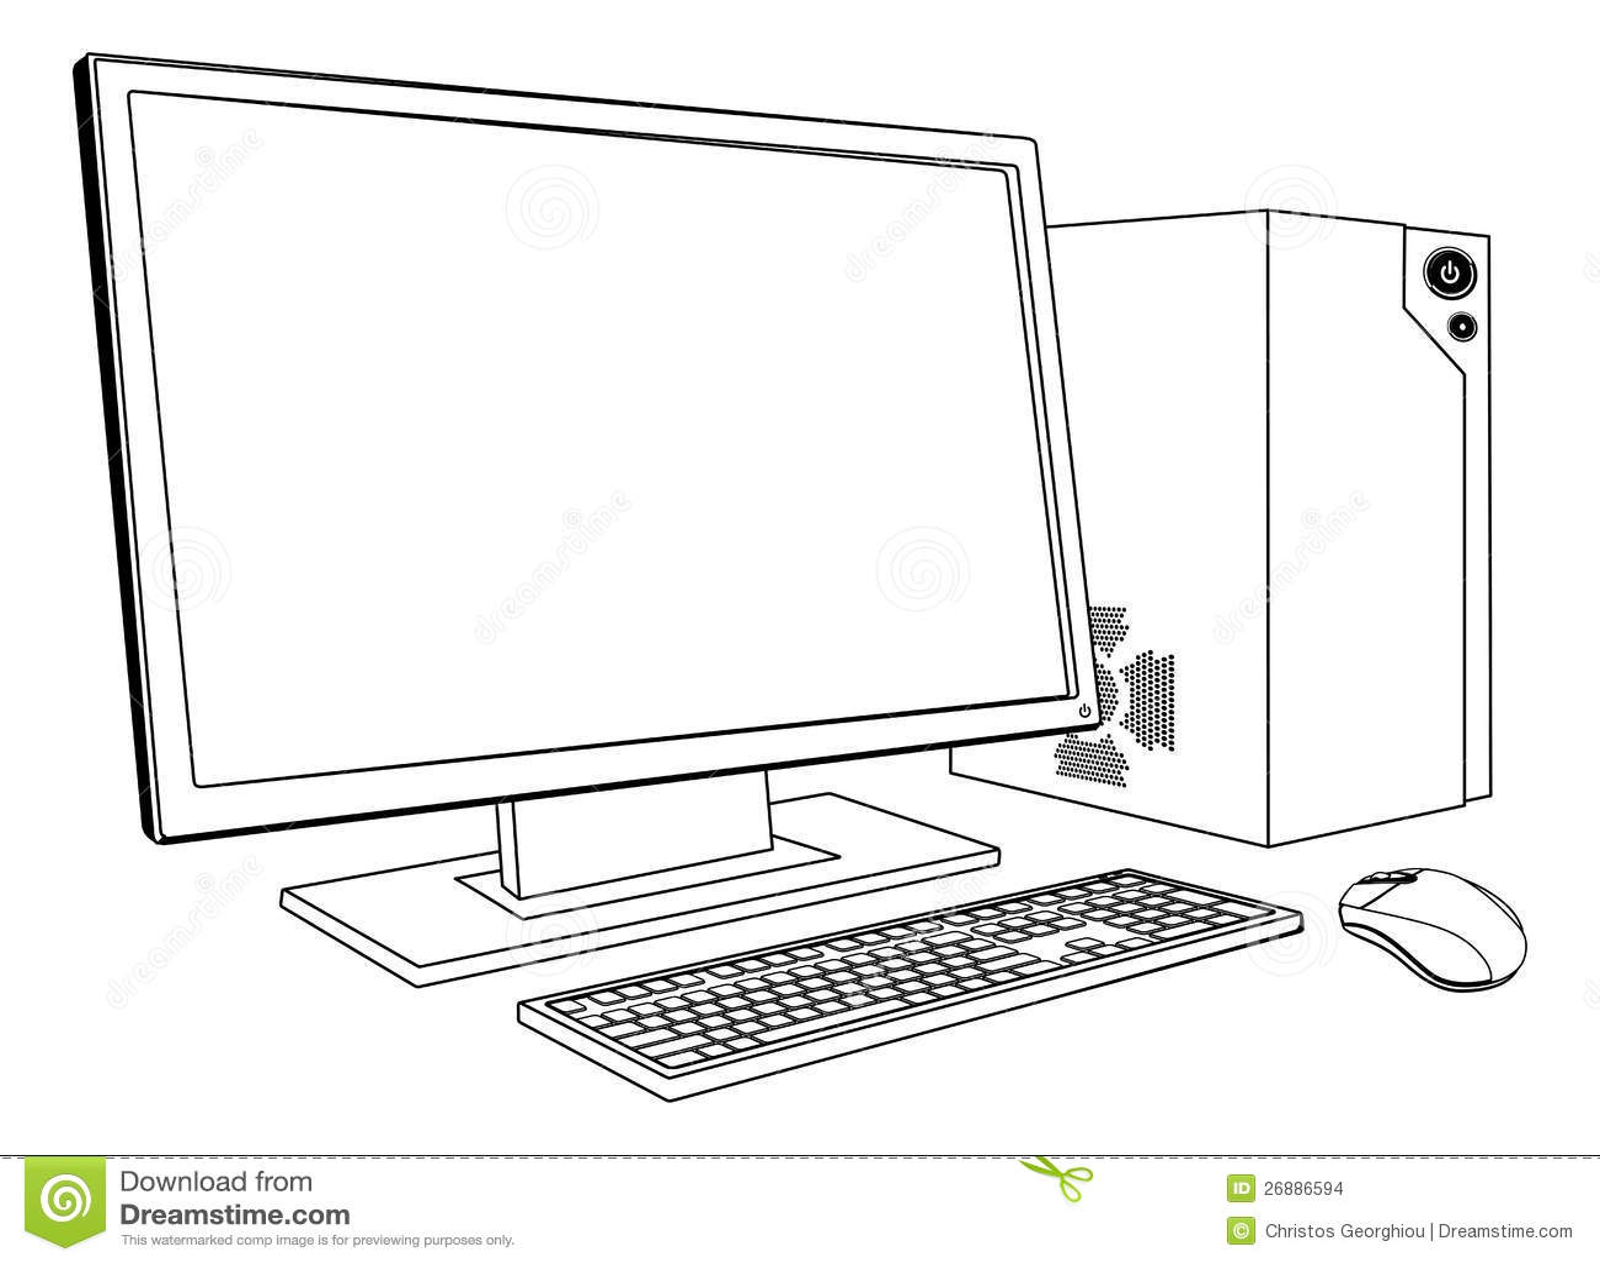 Desktop Pc Computer Workstation Stock Vector